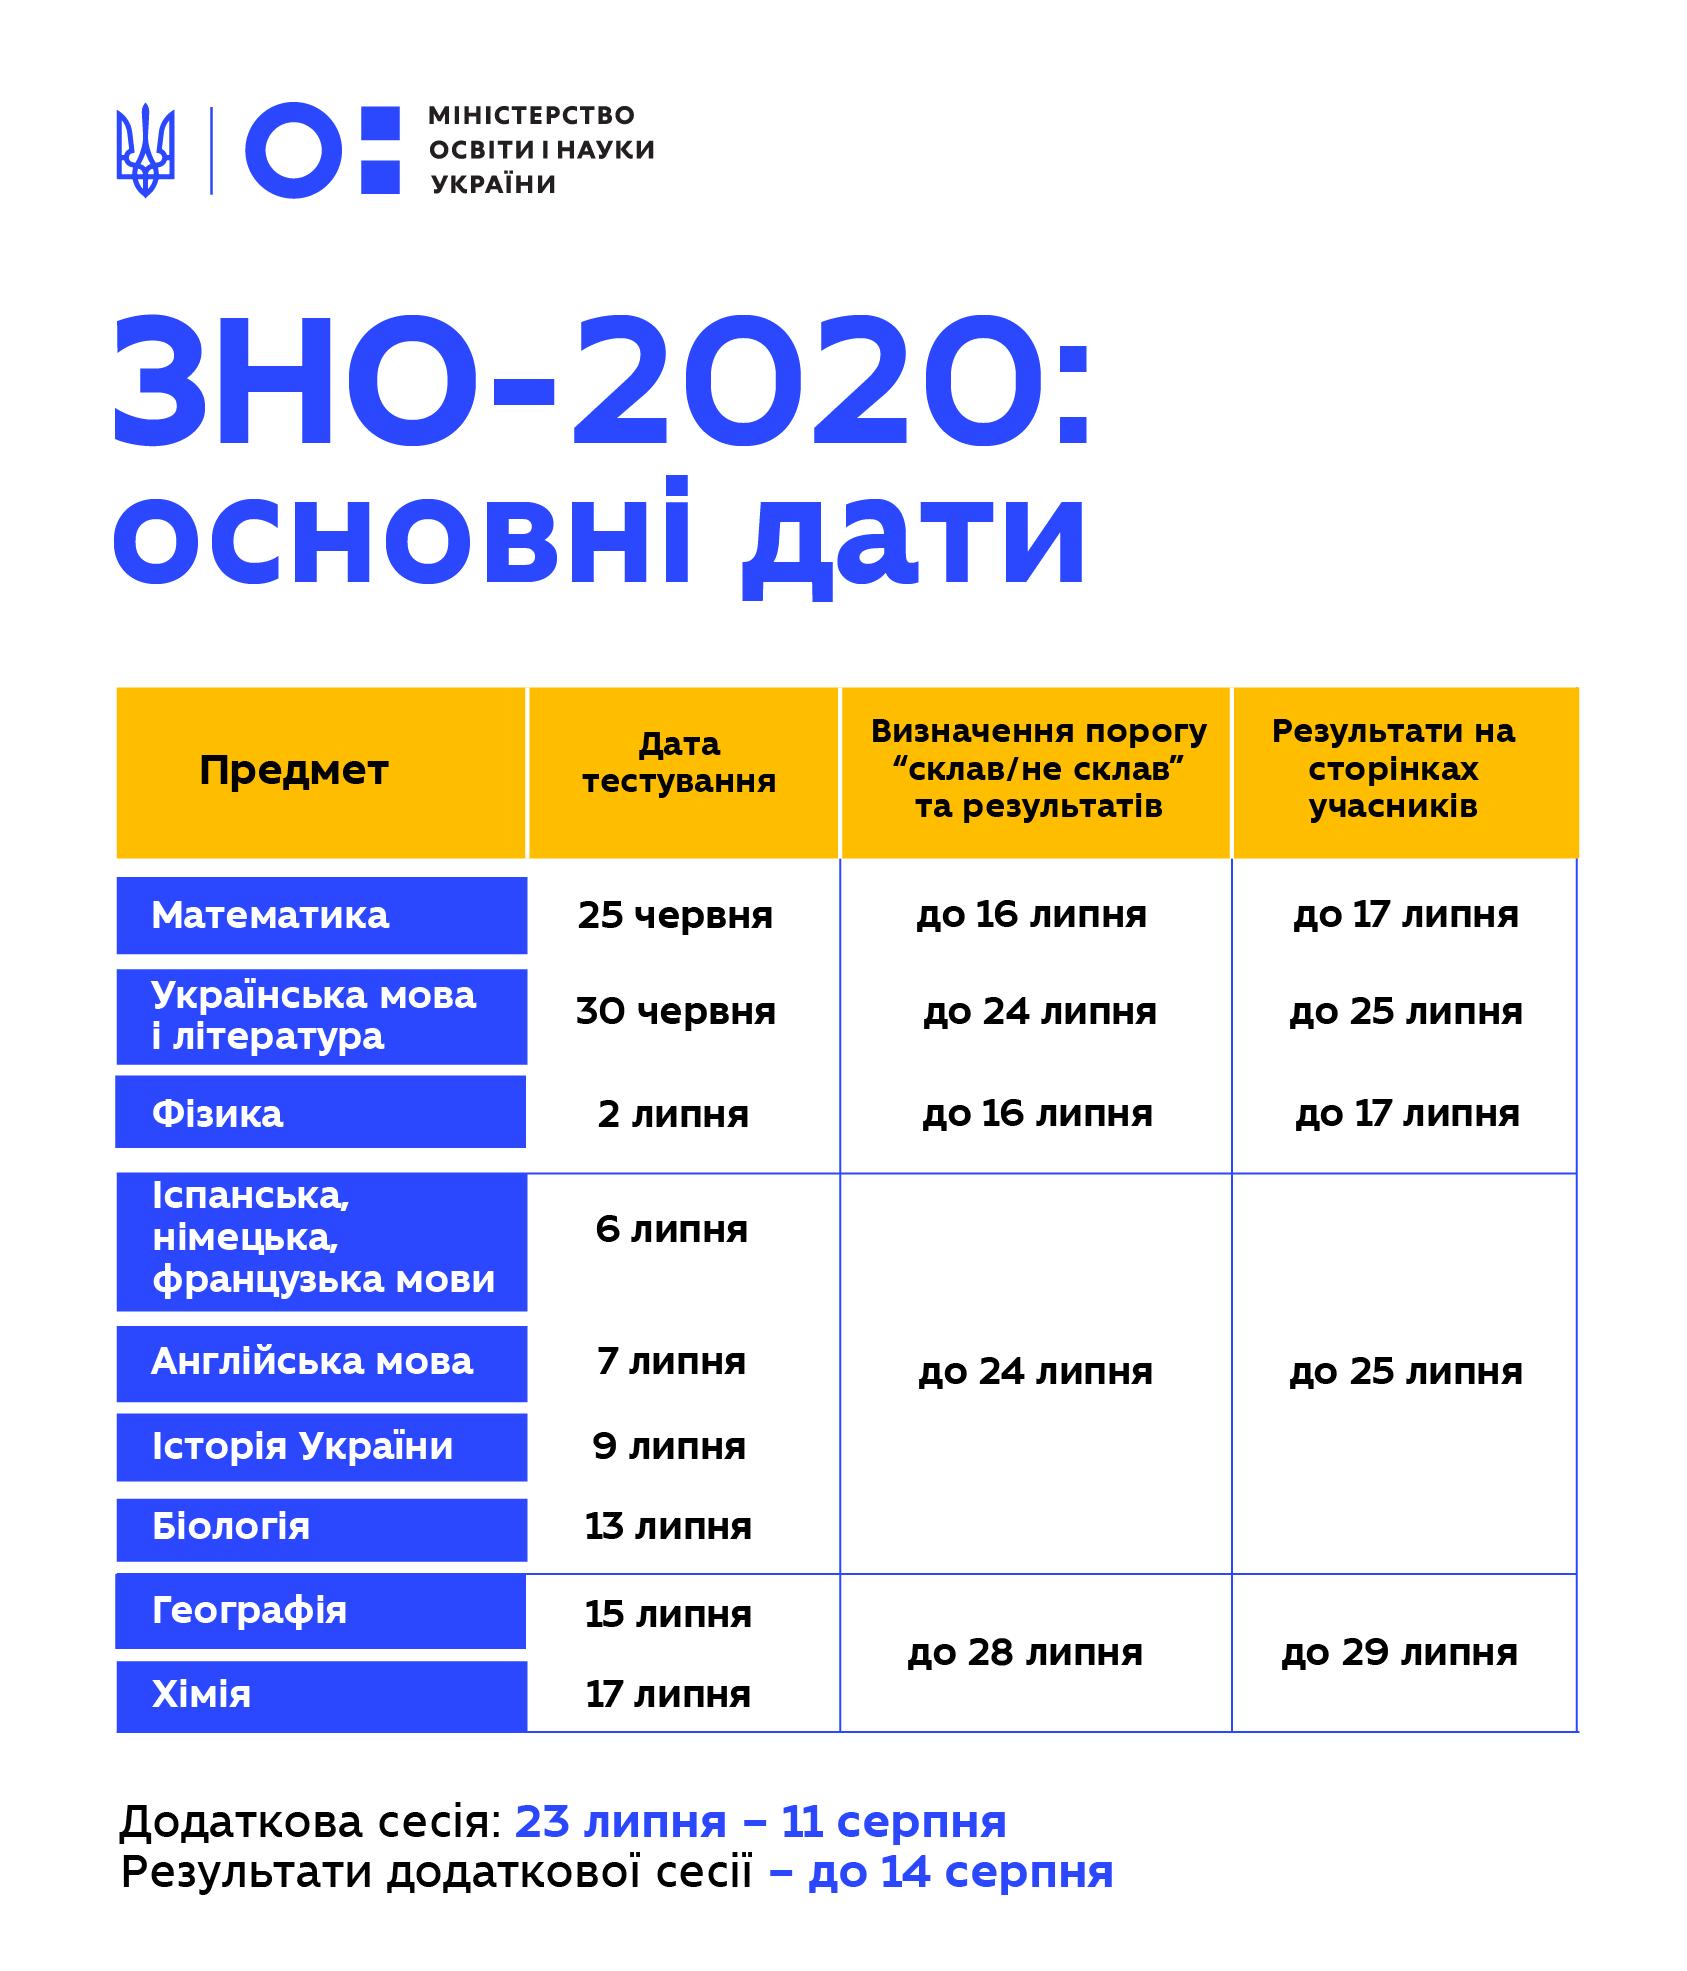 ЗНО-2020: як буде проходити тестування